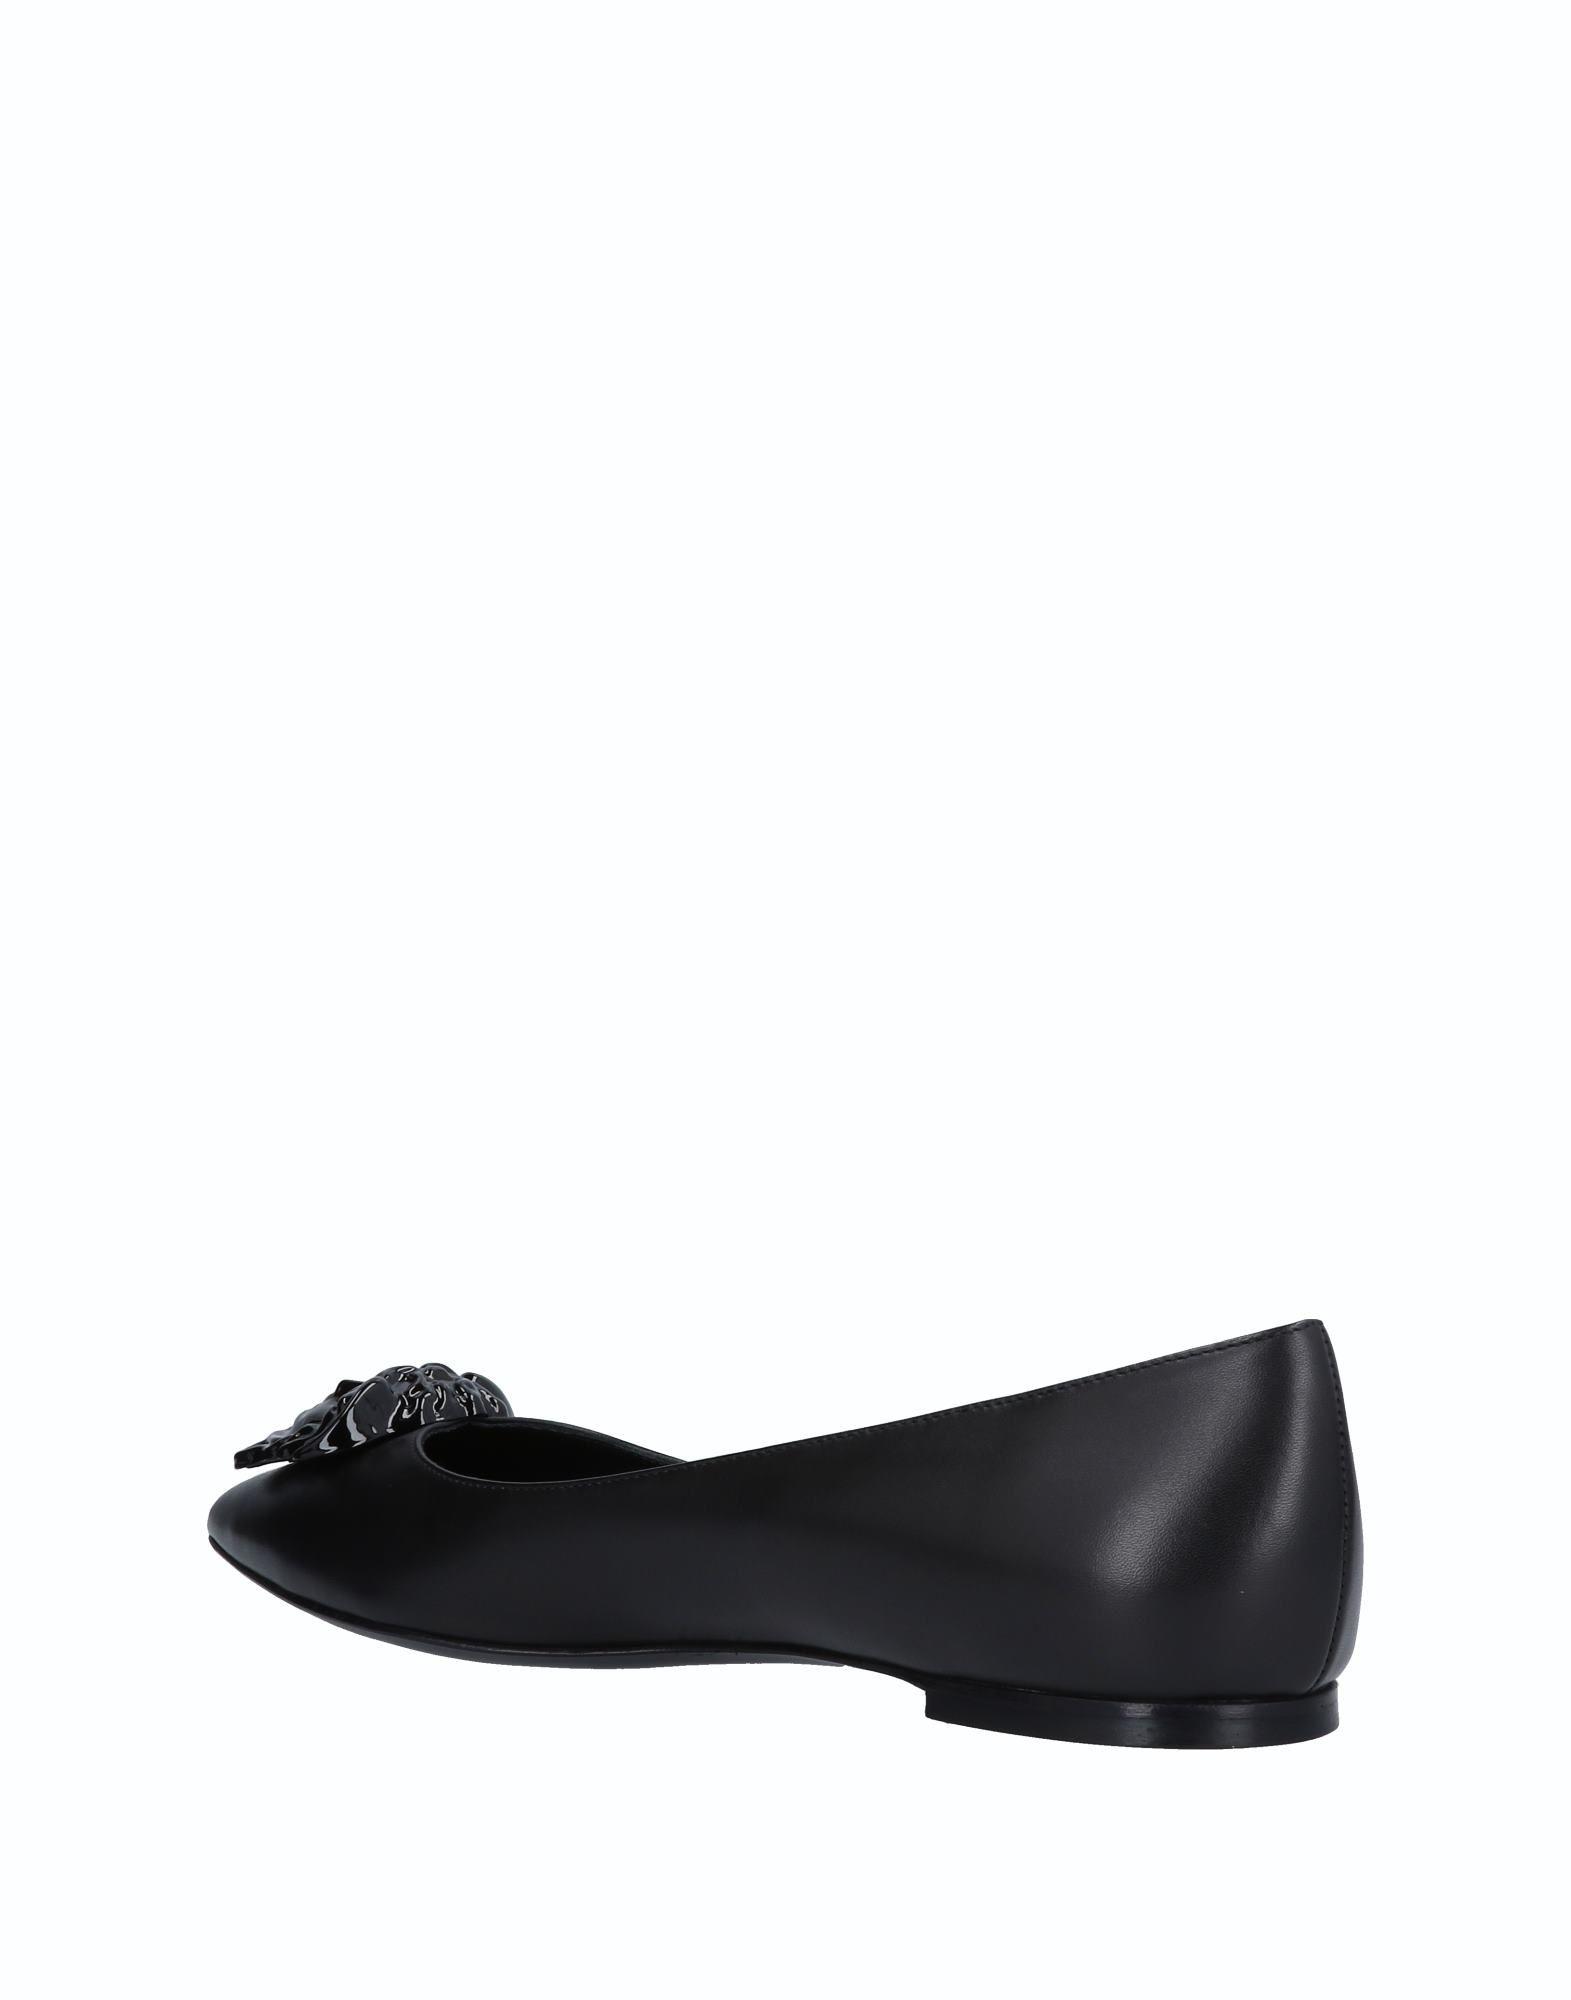 Versace Damen Ballerinas Damen Versace  11501232CE Heiße Schuhe f1a3cb